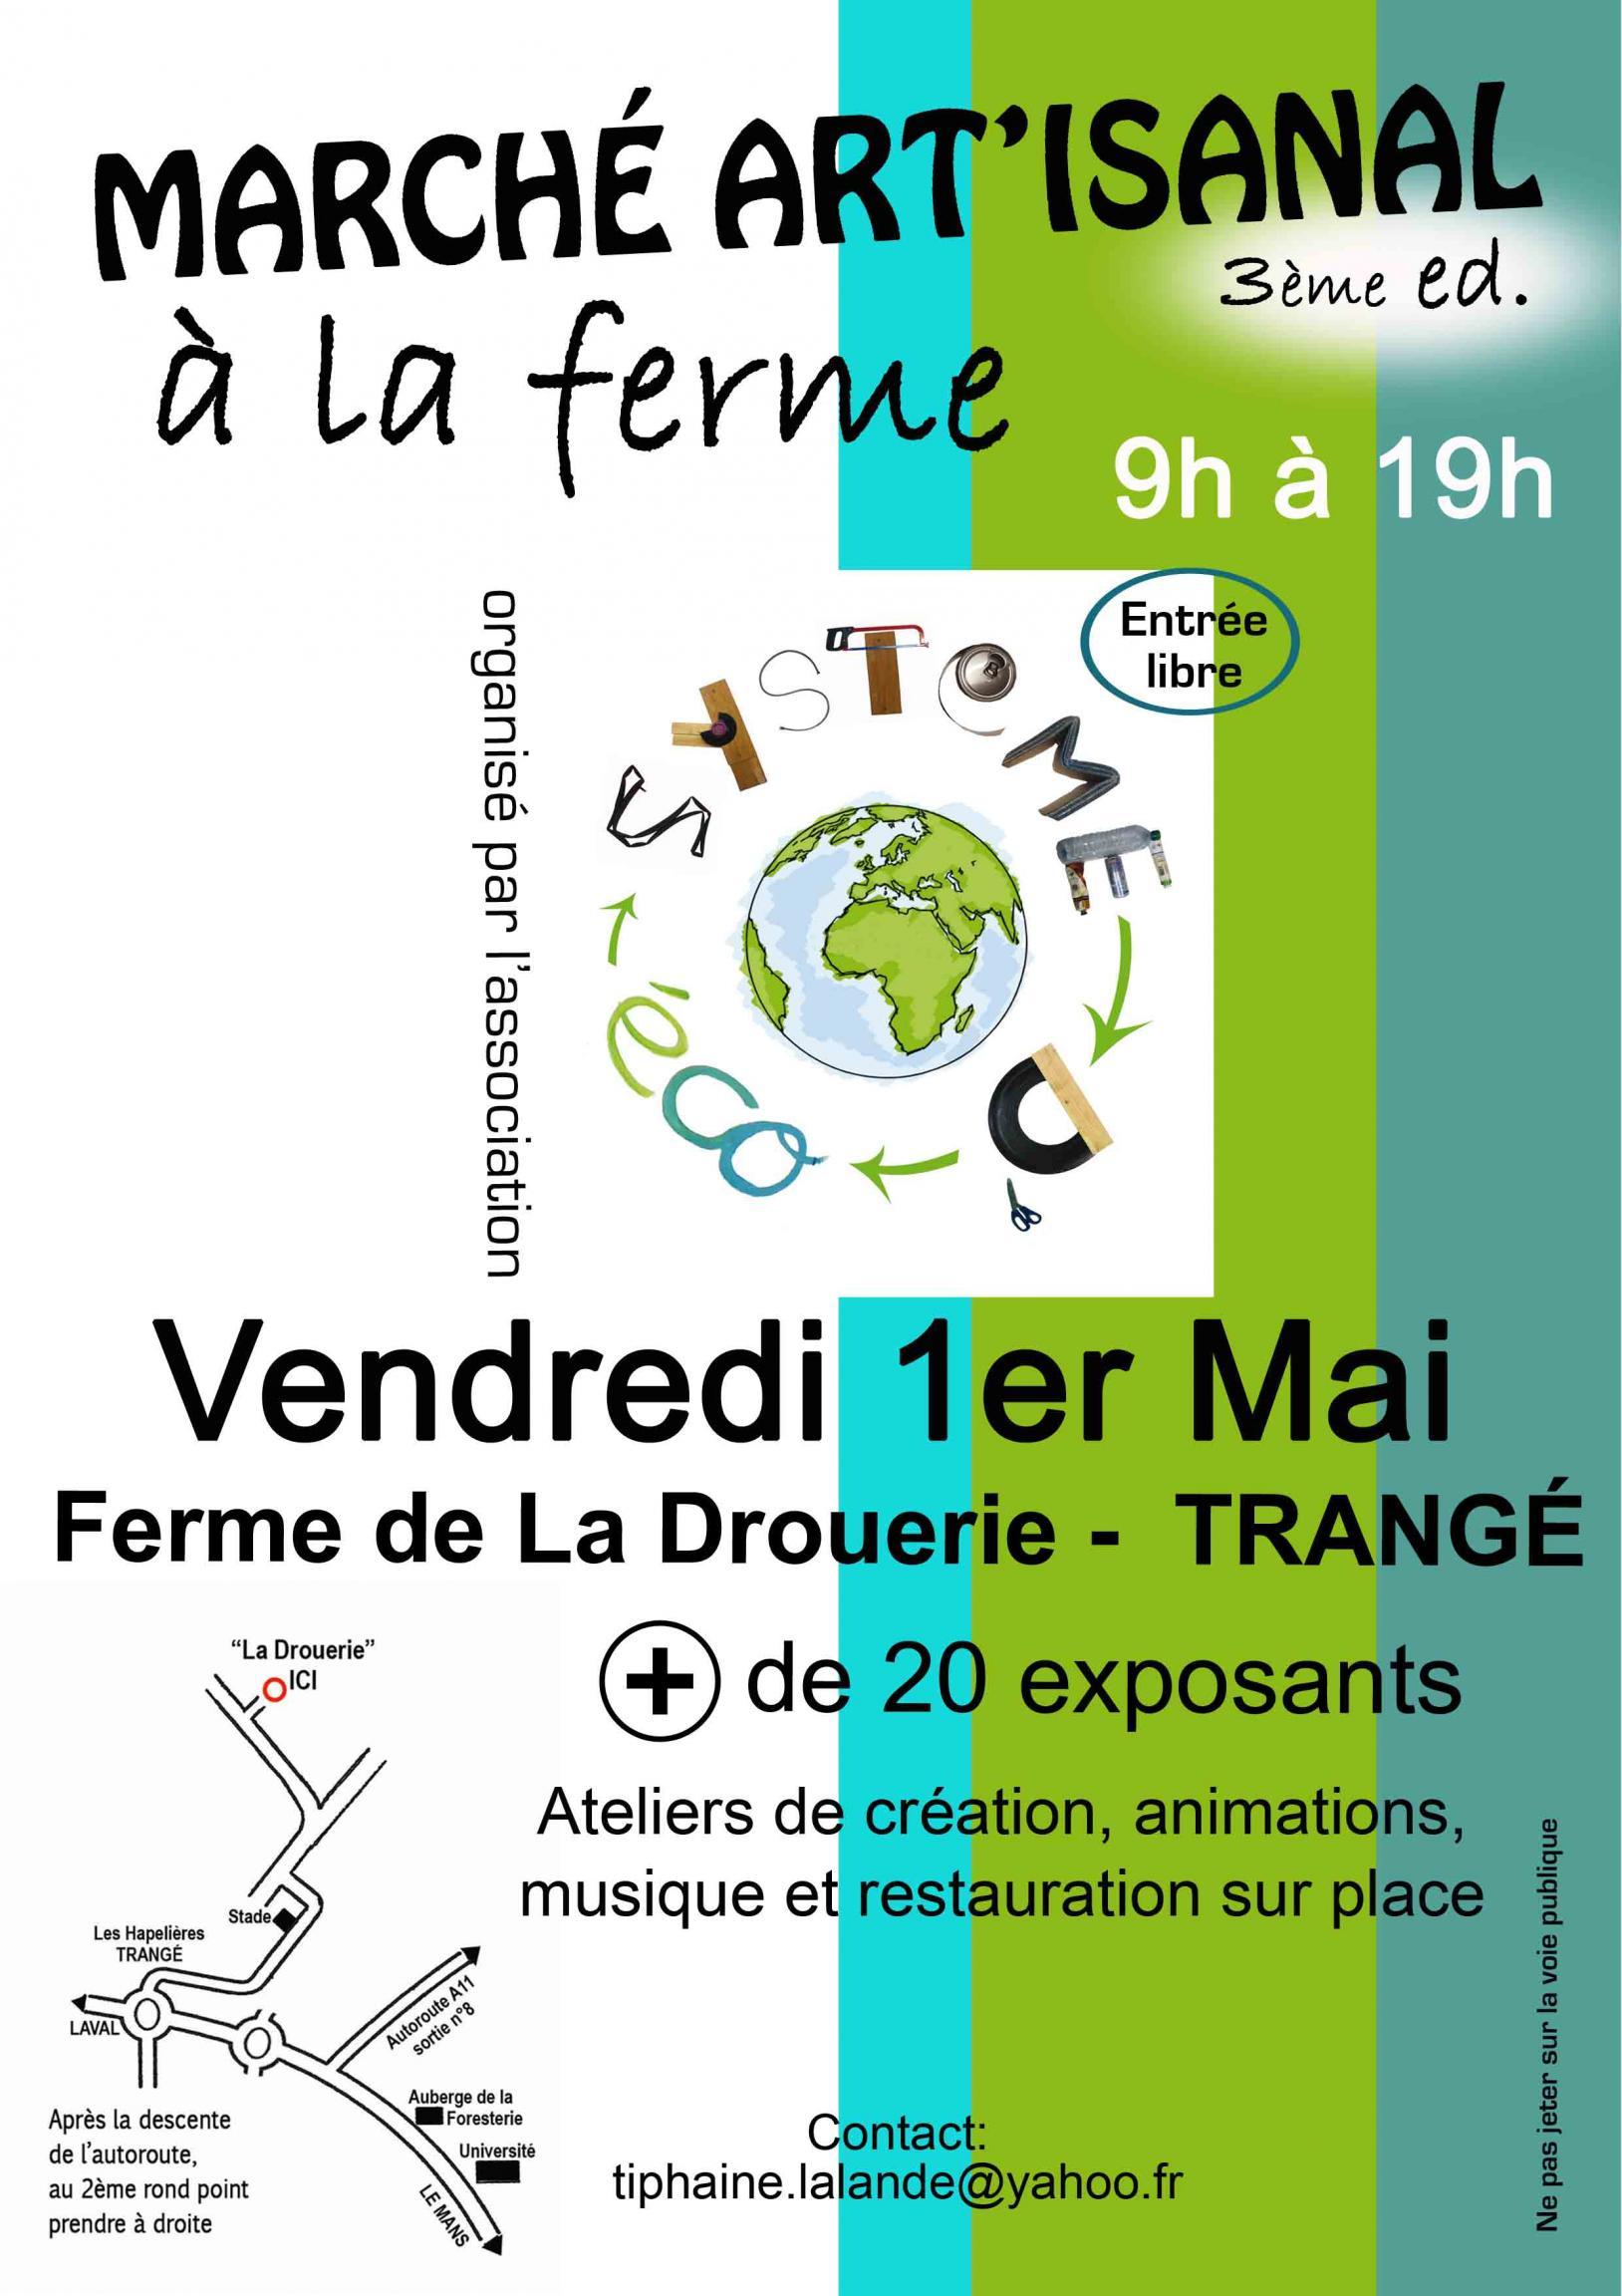 Actualité de Dany Théau Les Ateliers du Petit Pont Tapissier & Restaurateur Marché artisanal à la ferme vend 1er mai à Trangé